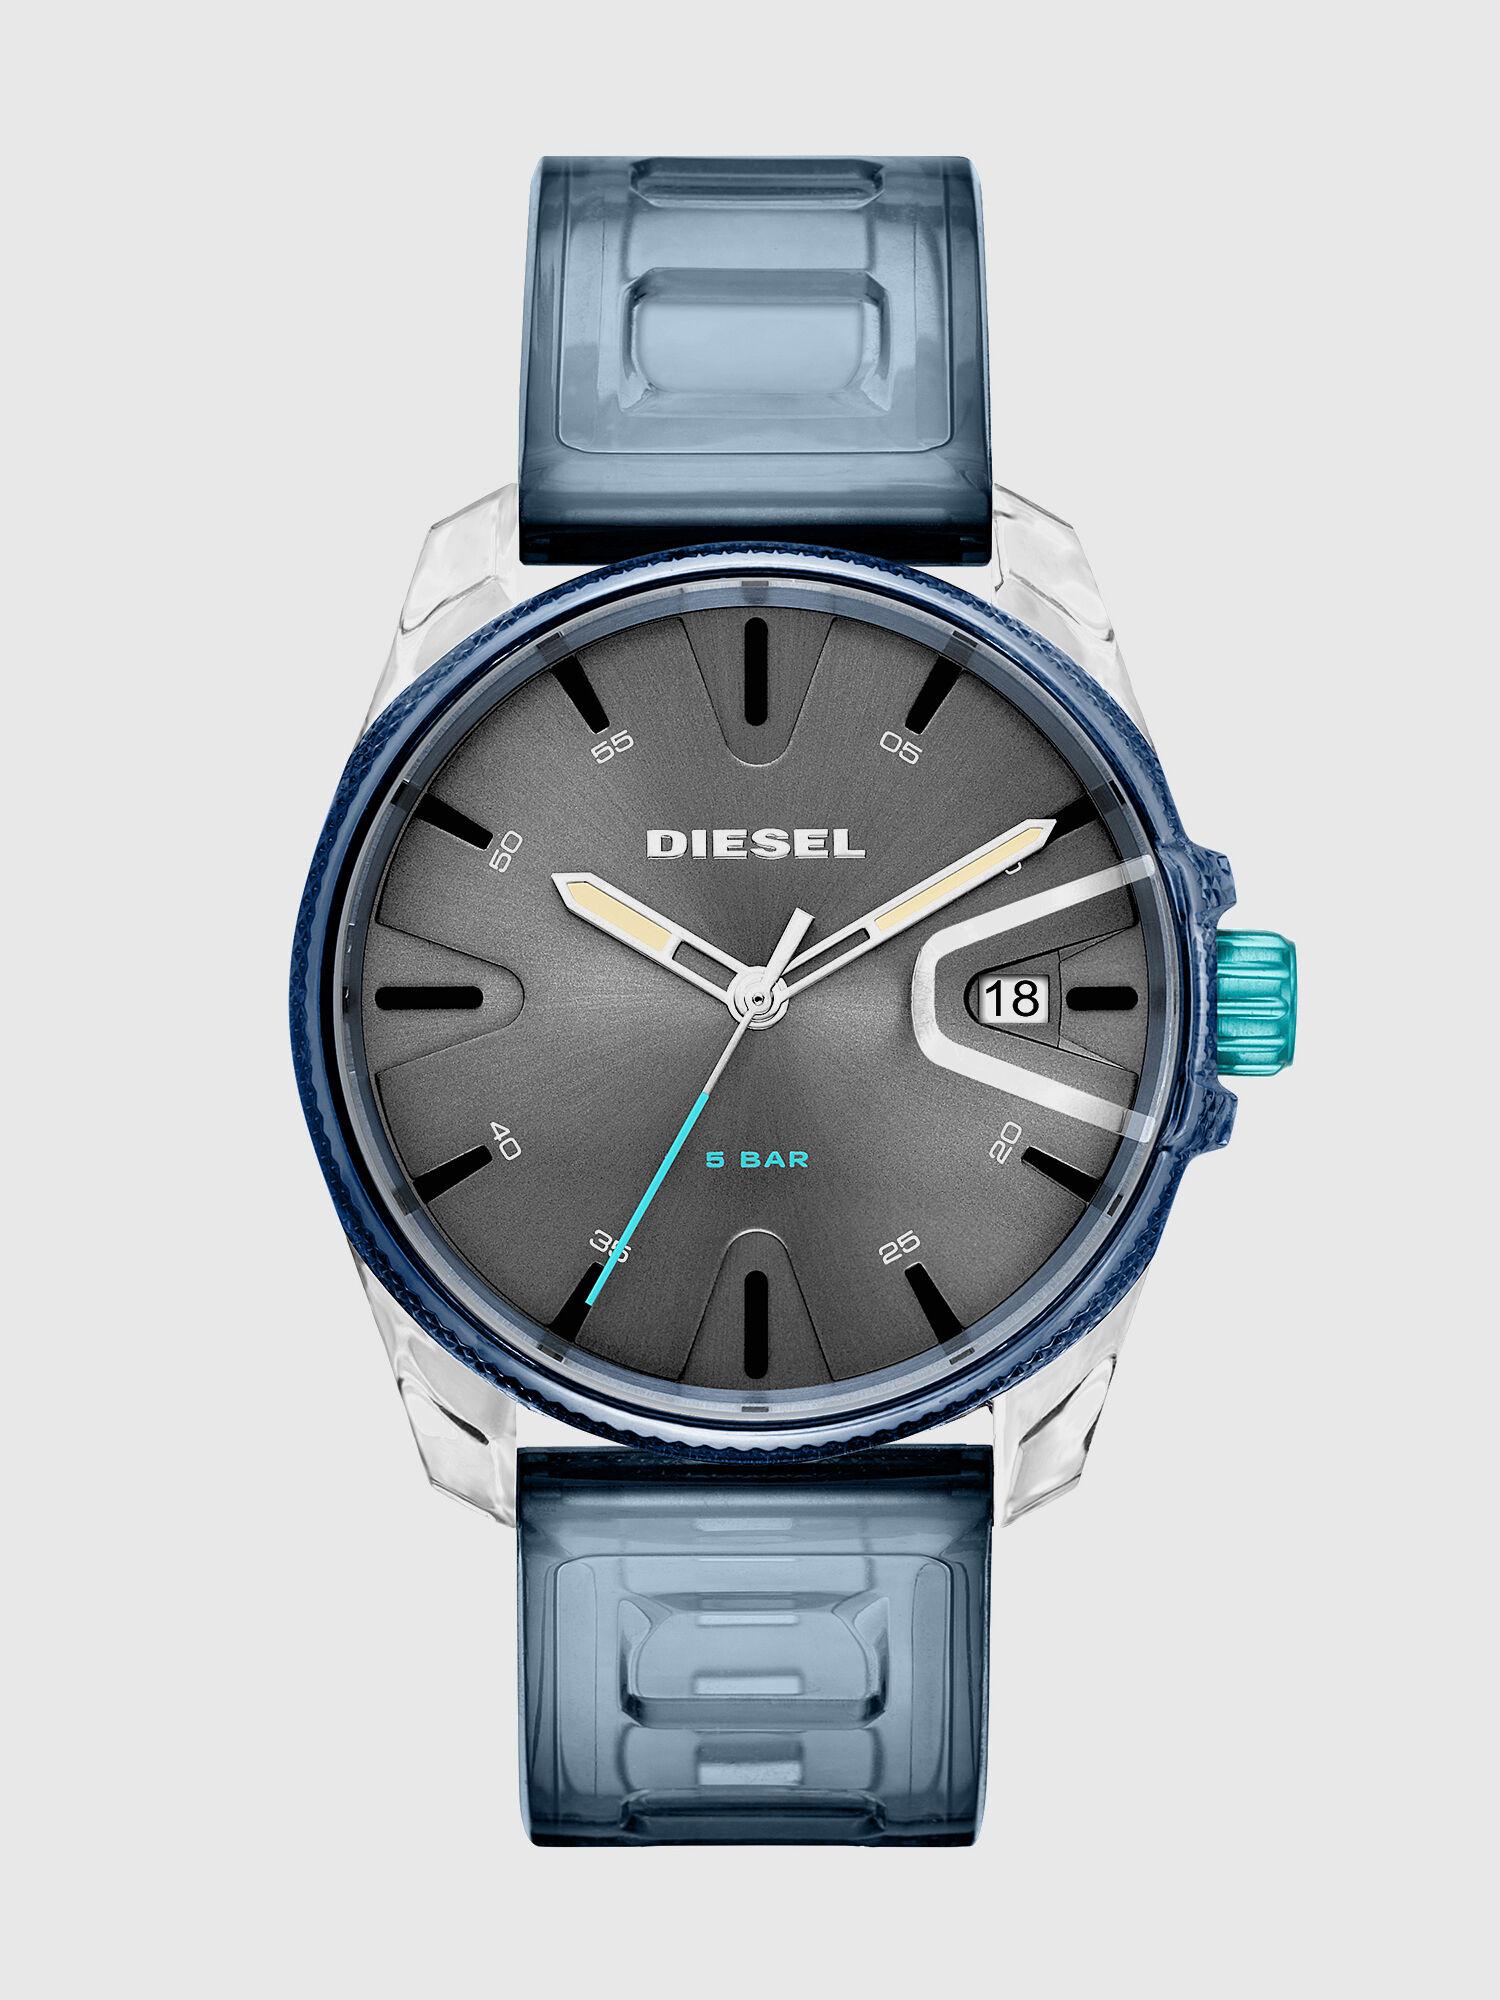 579fd7fc813a Relojes diesel imitacion hombre – Joyas de plata